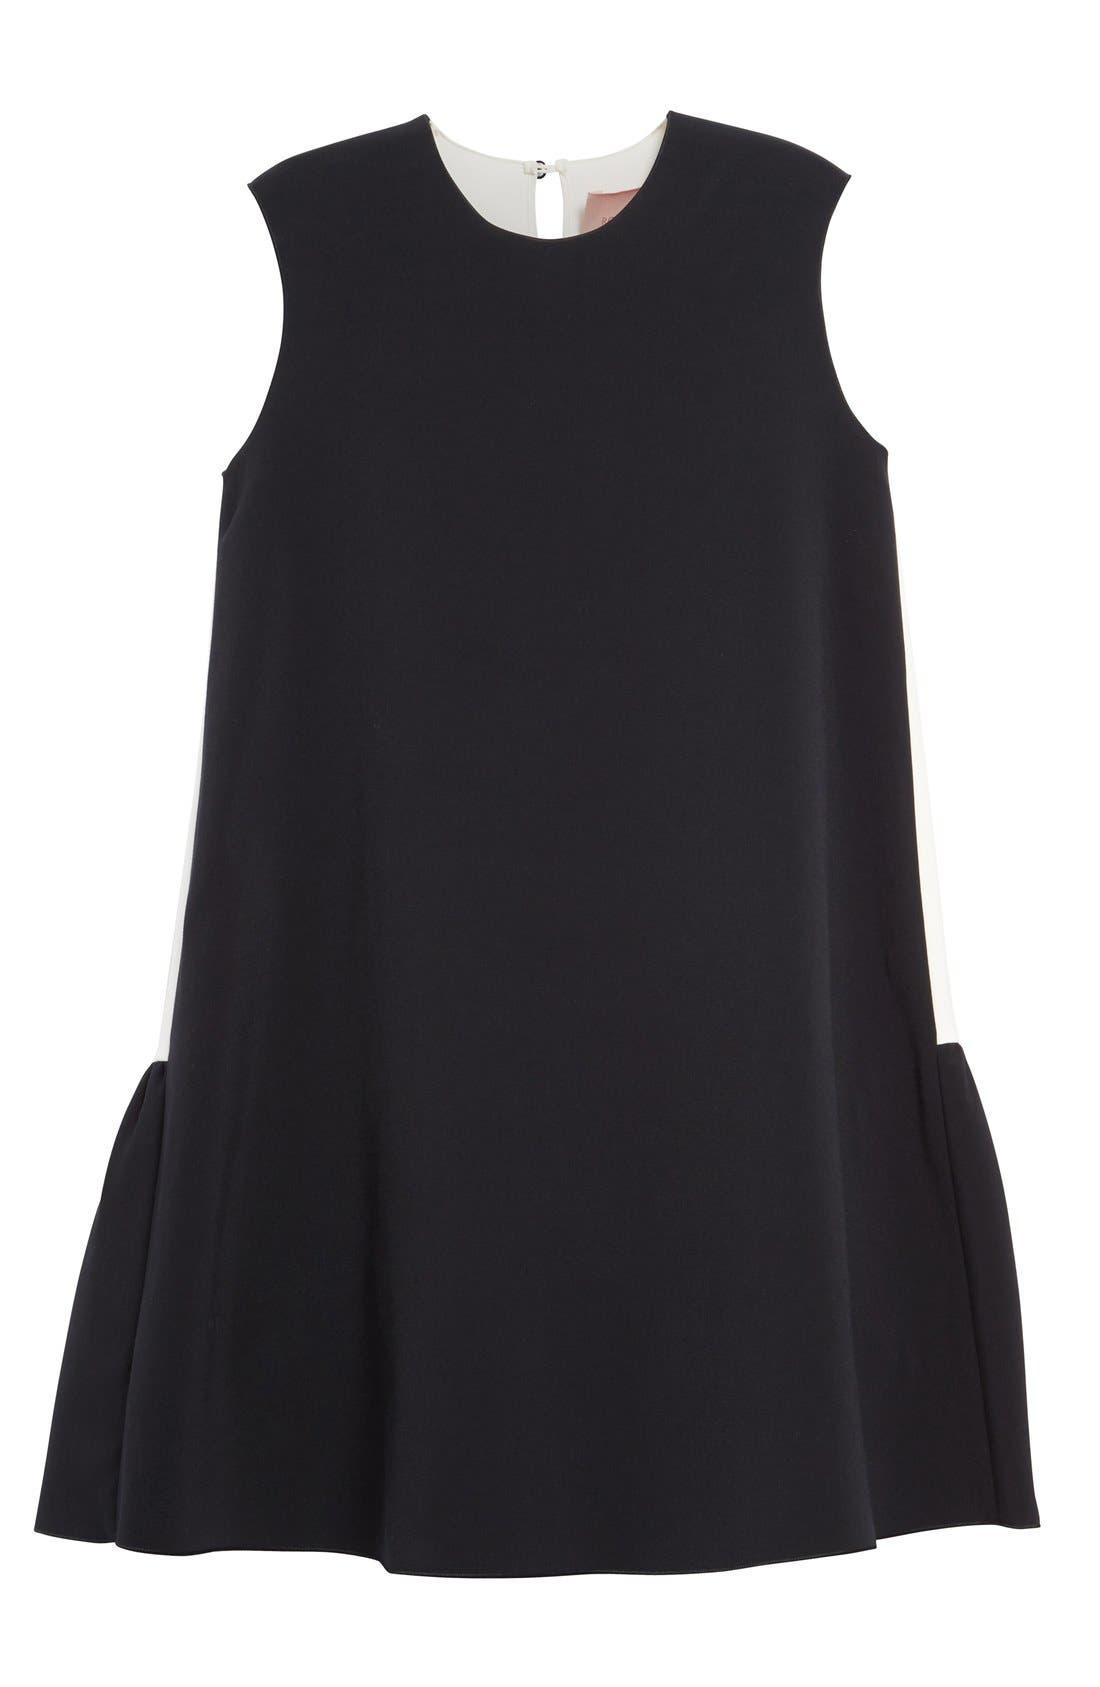 Fuji Colorblock Ruffle Hem Trapeze Dress,                             Alternate thumbnail 4, color,                             Black/ White